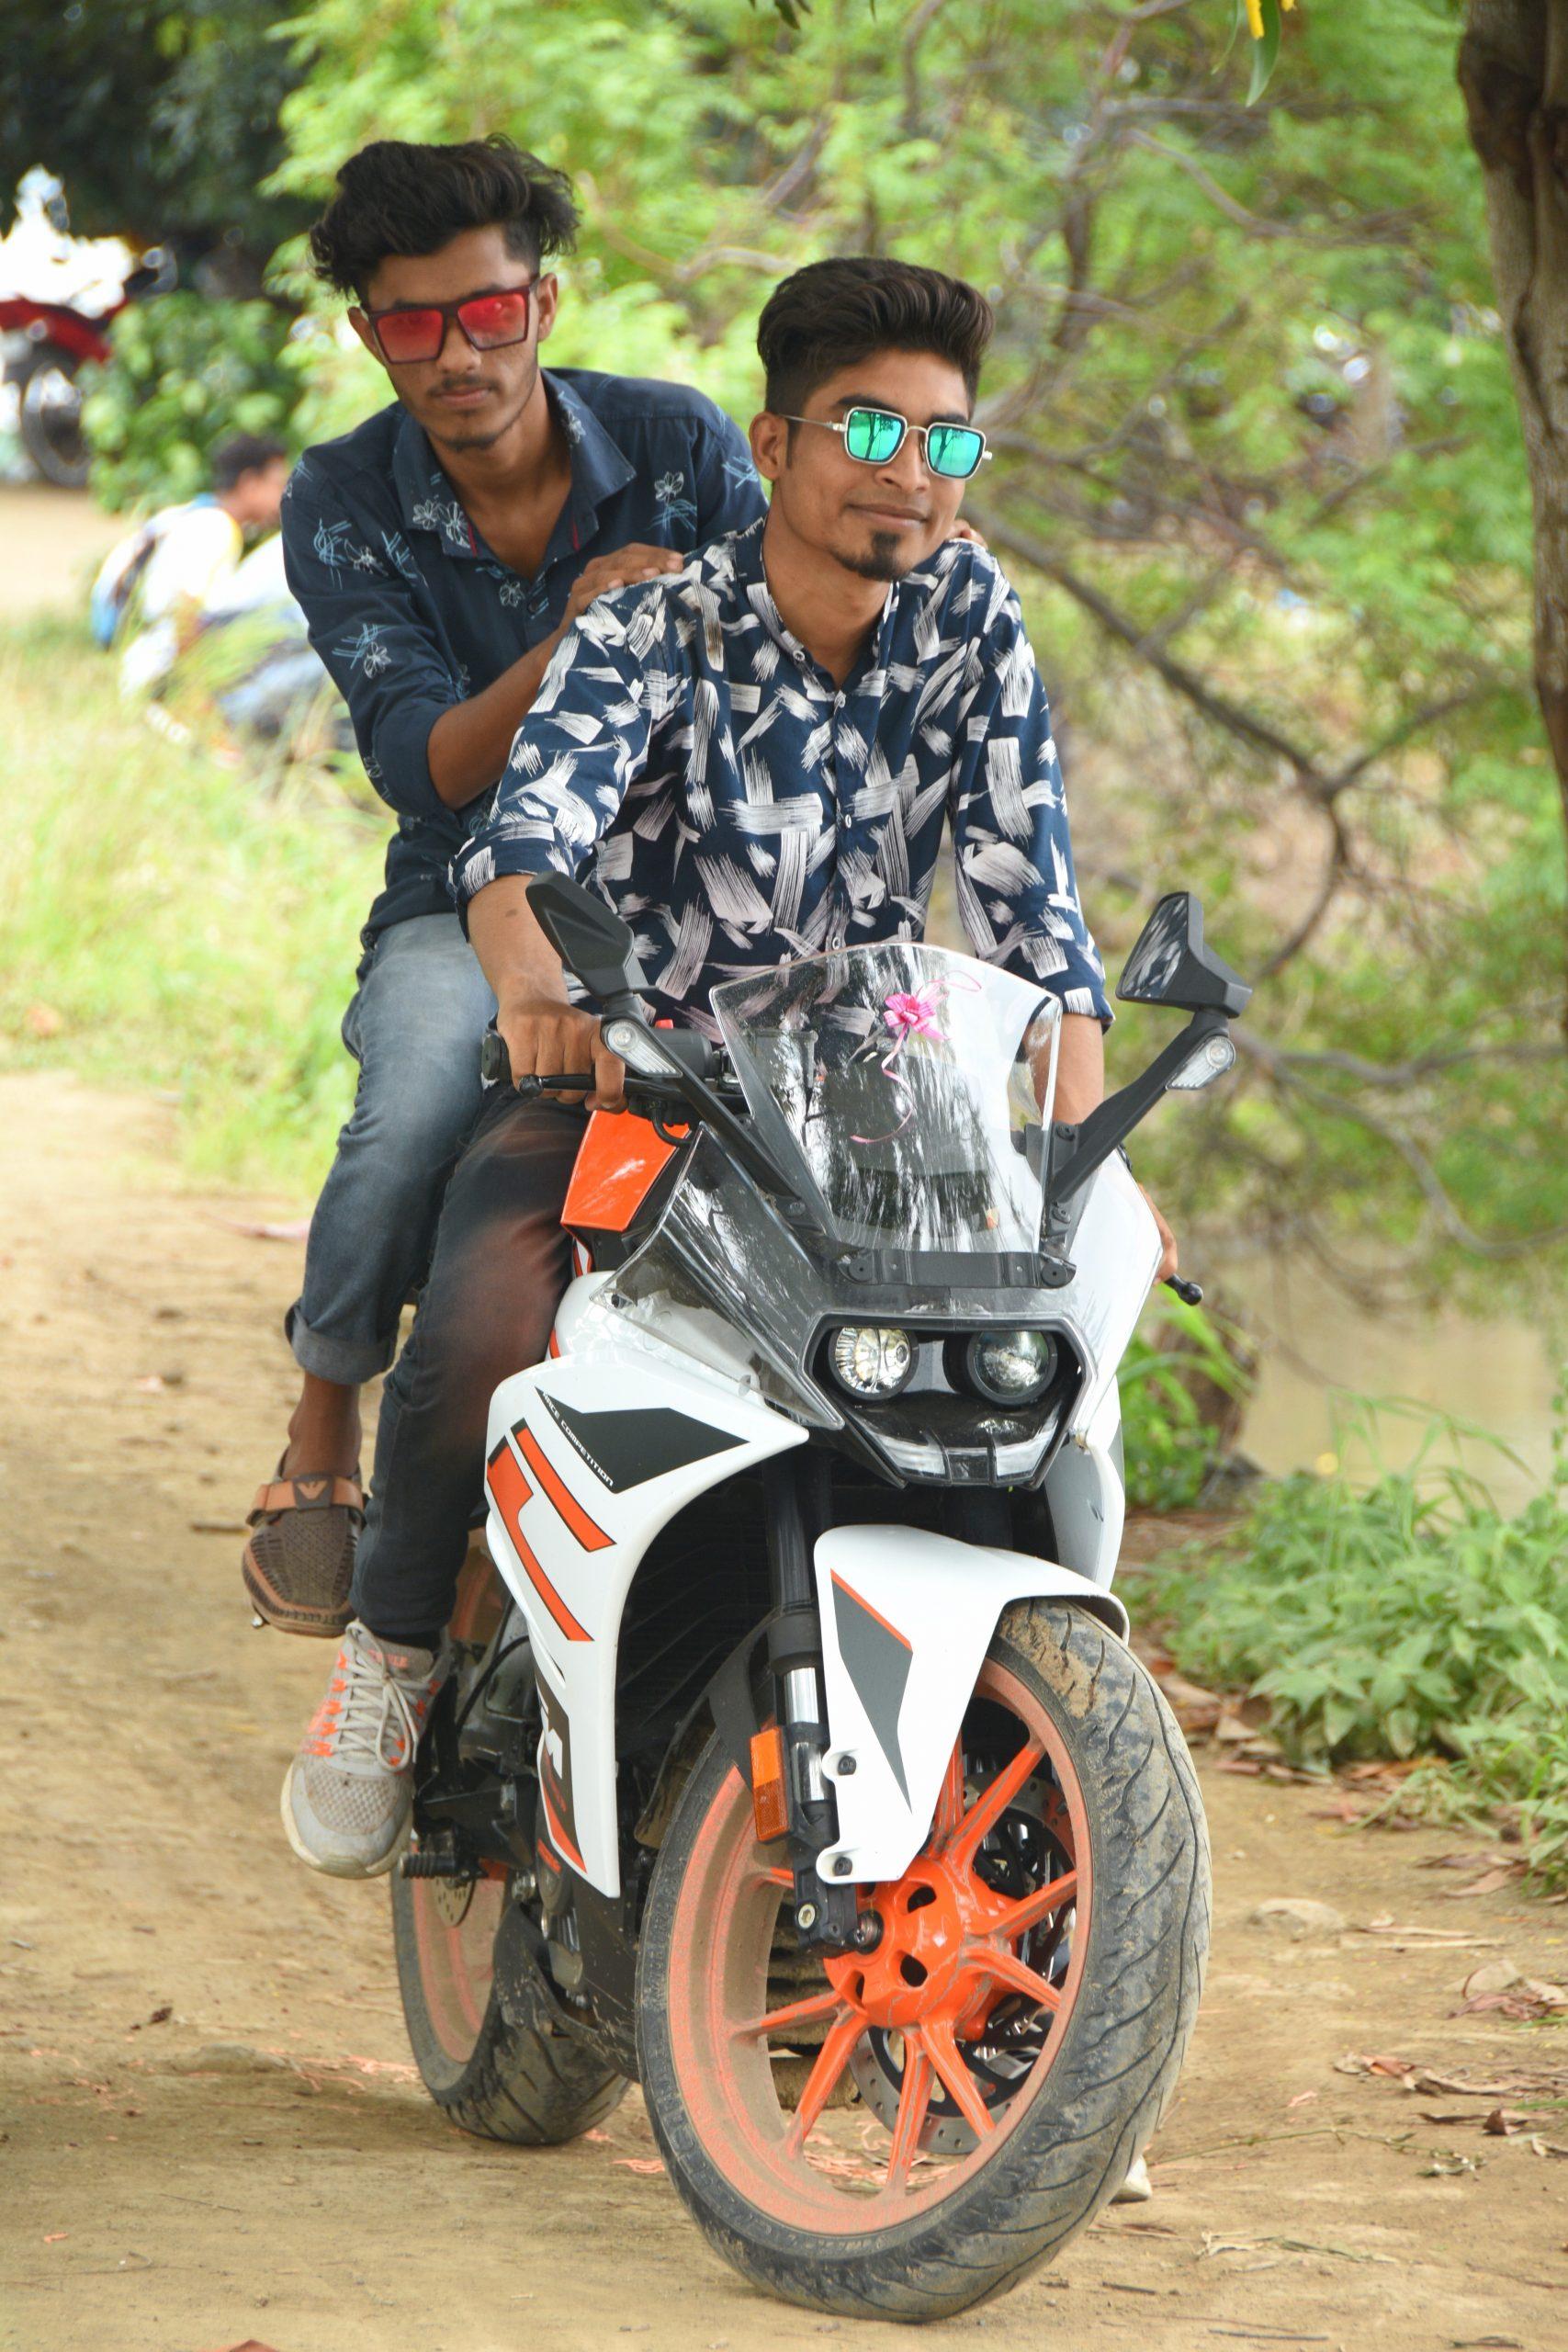 Boys on KTM bike